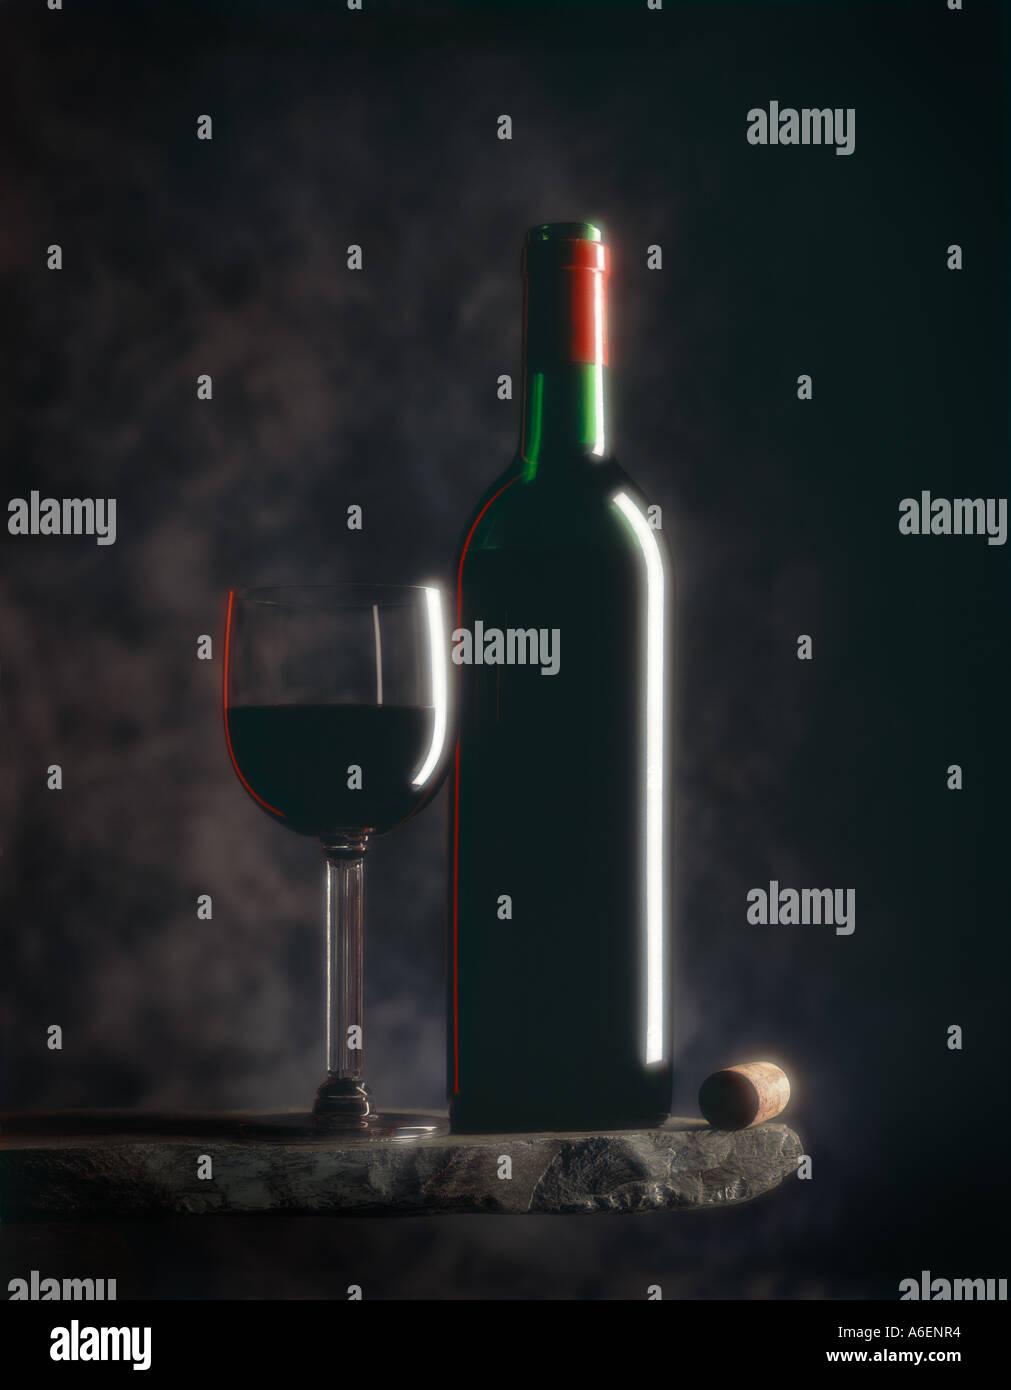 Still Life fotografia di vino rosso Bottiglia e vetro Immagini Stock